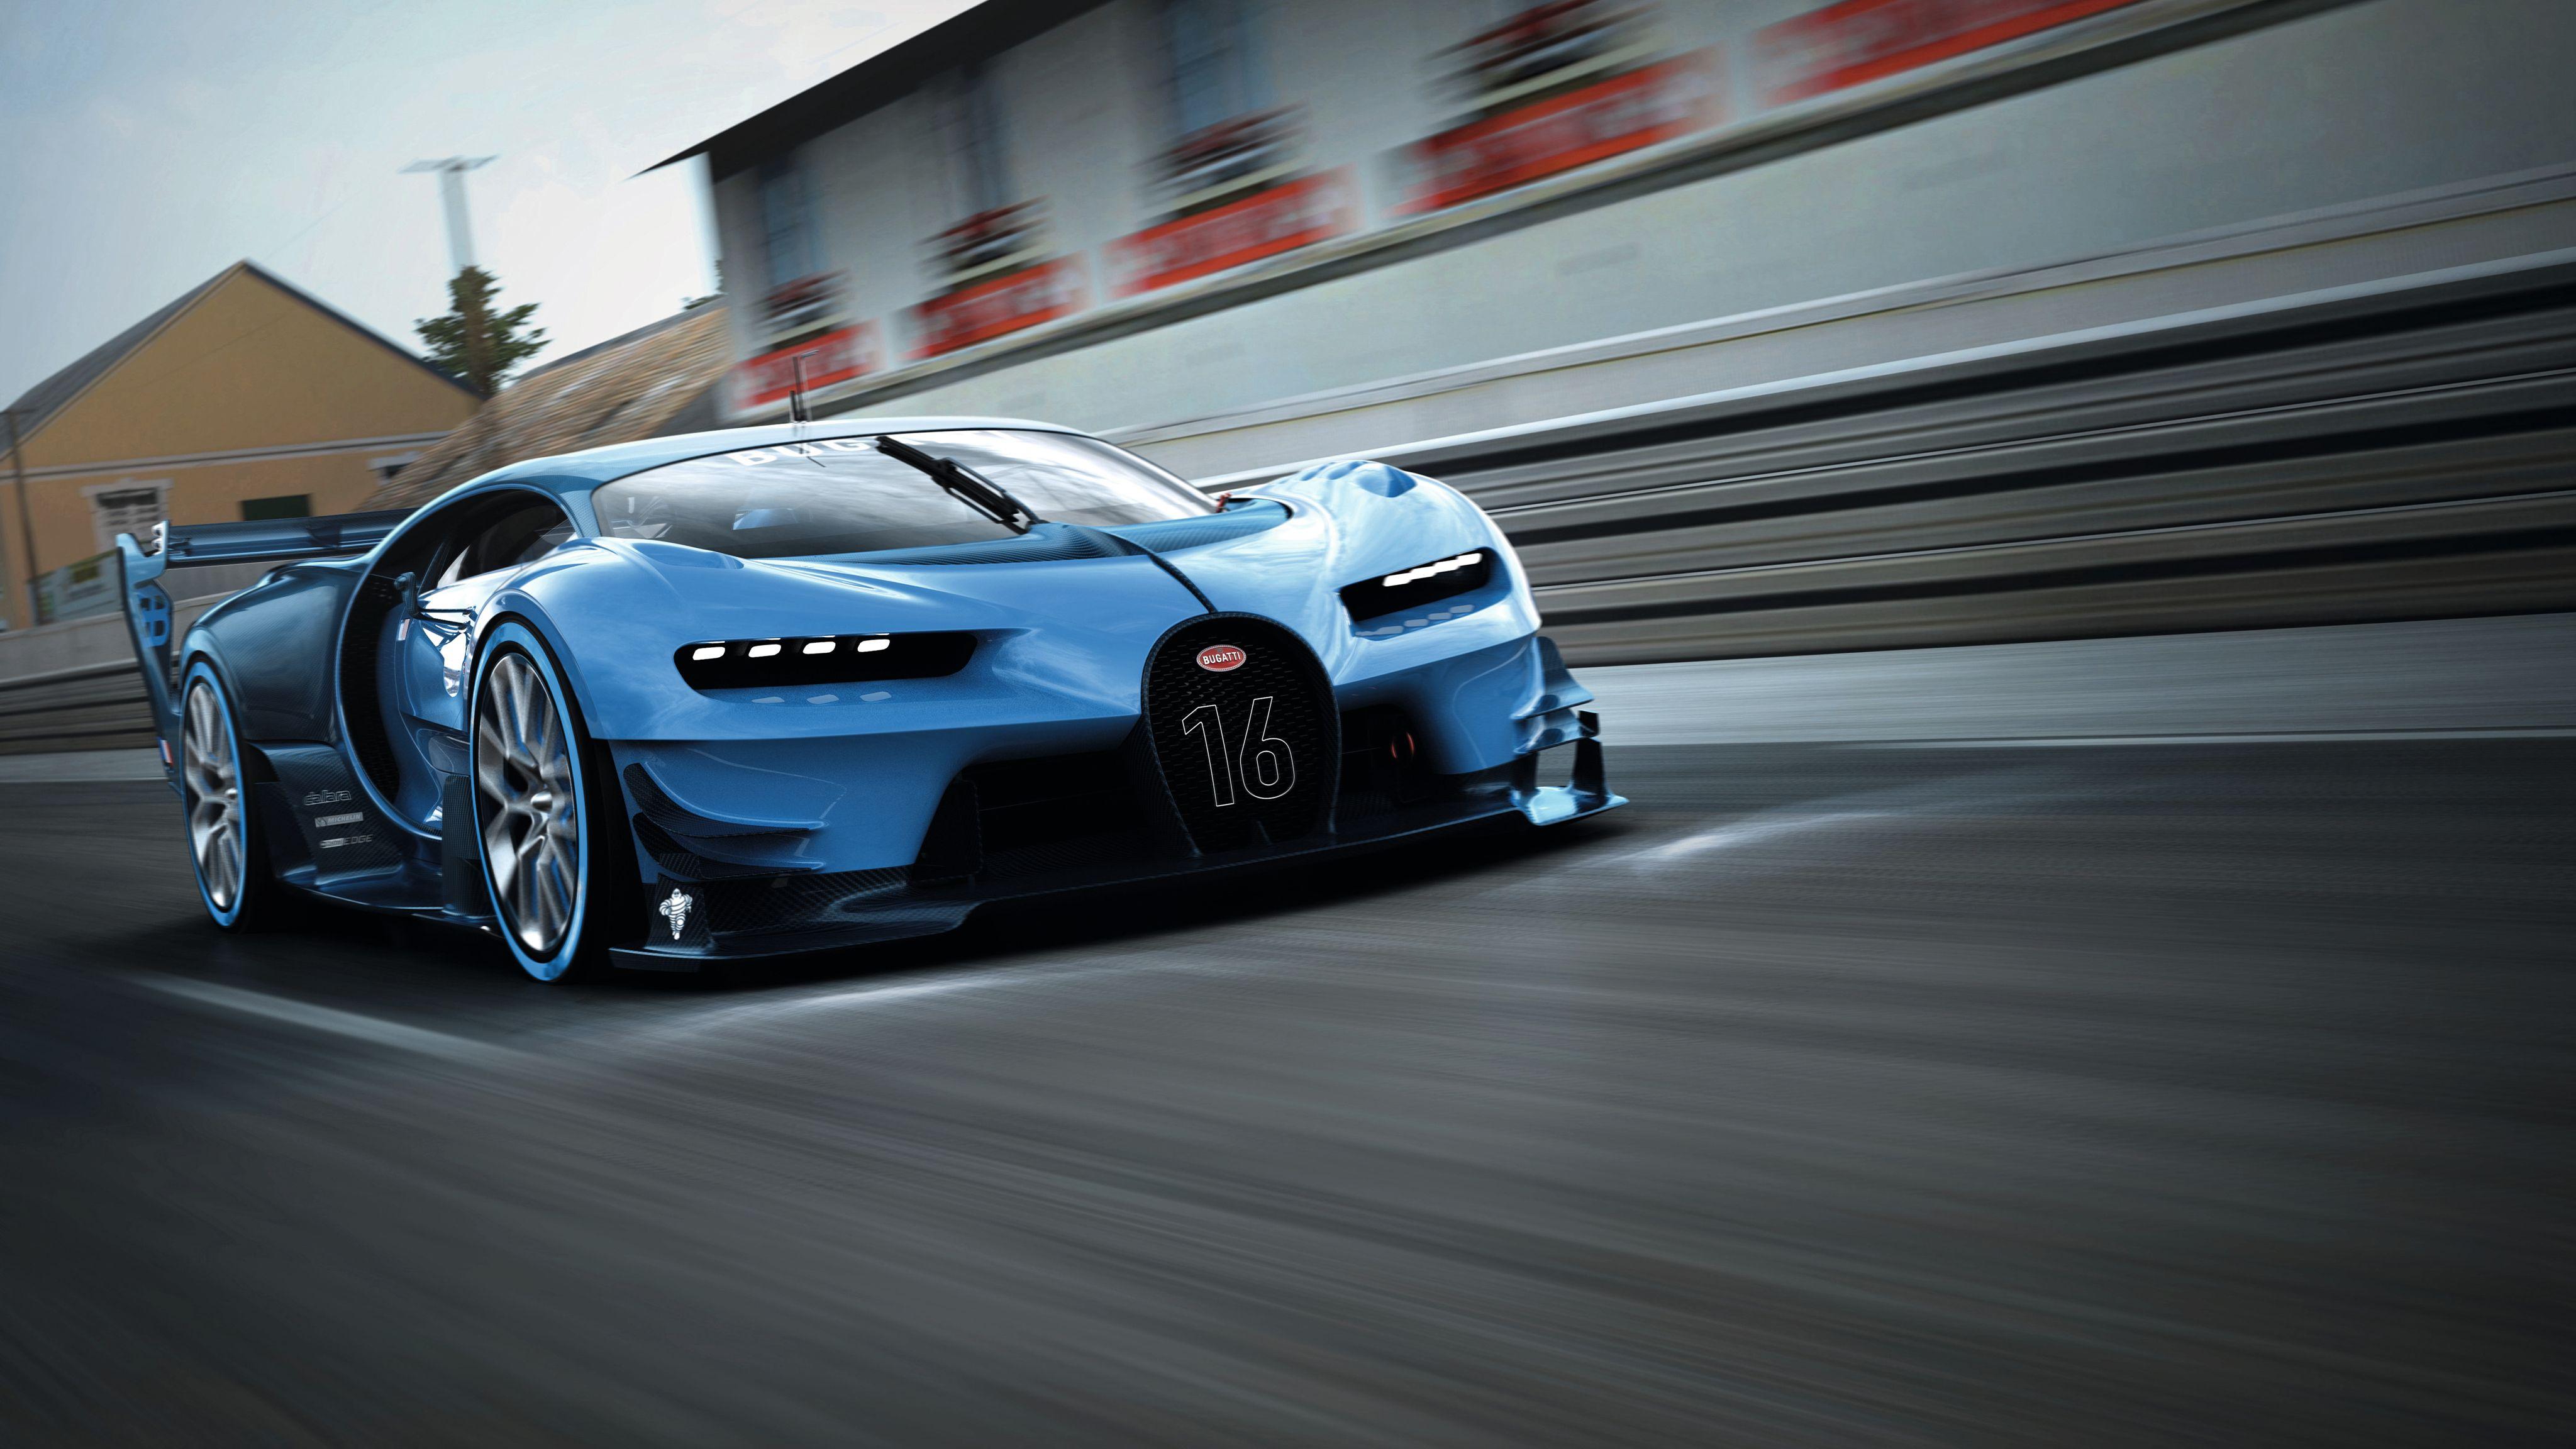 Pin By Jacob Plante On 2015 Bugatti Vision Gran Turismo Bugatti Sports Car Wallpaper Super Cars